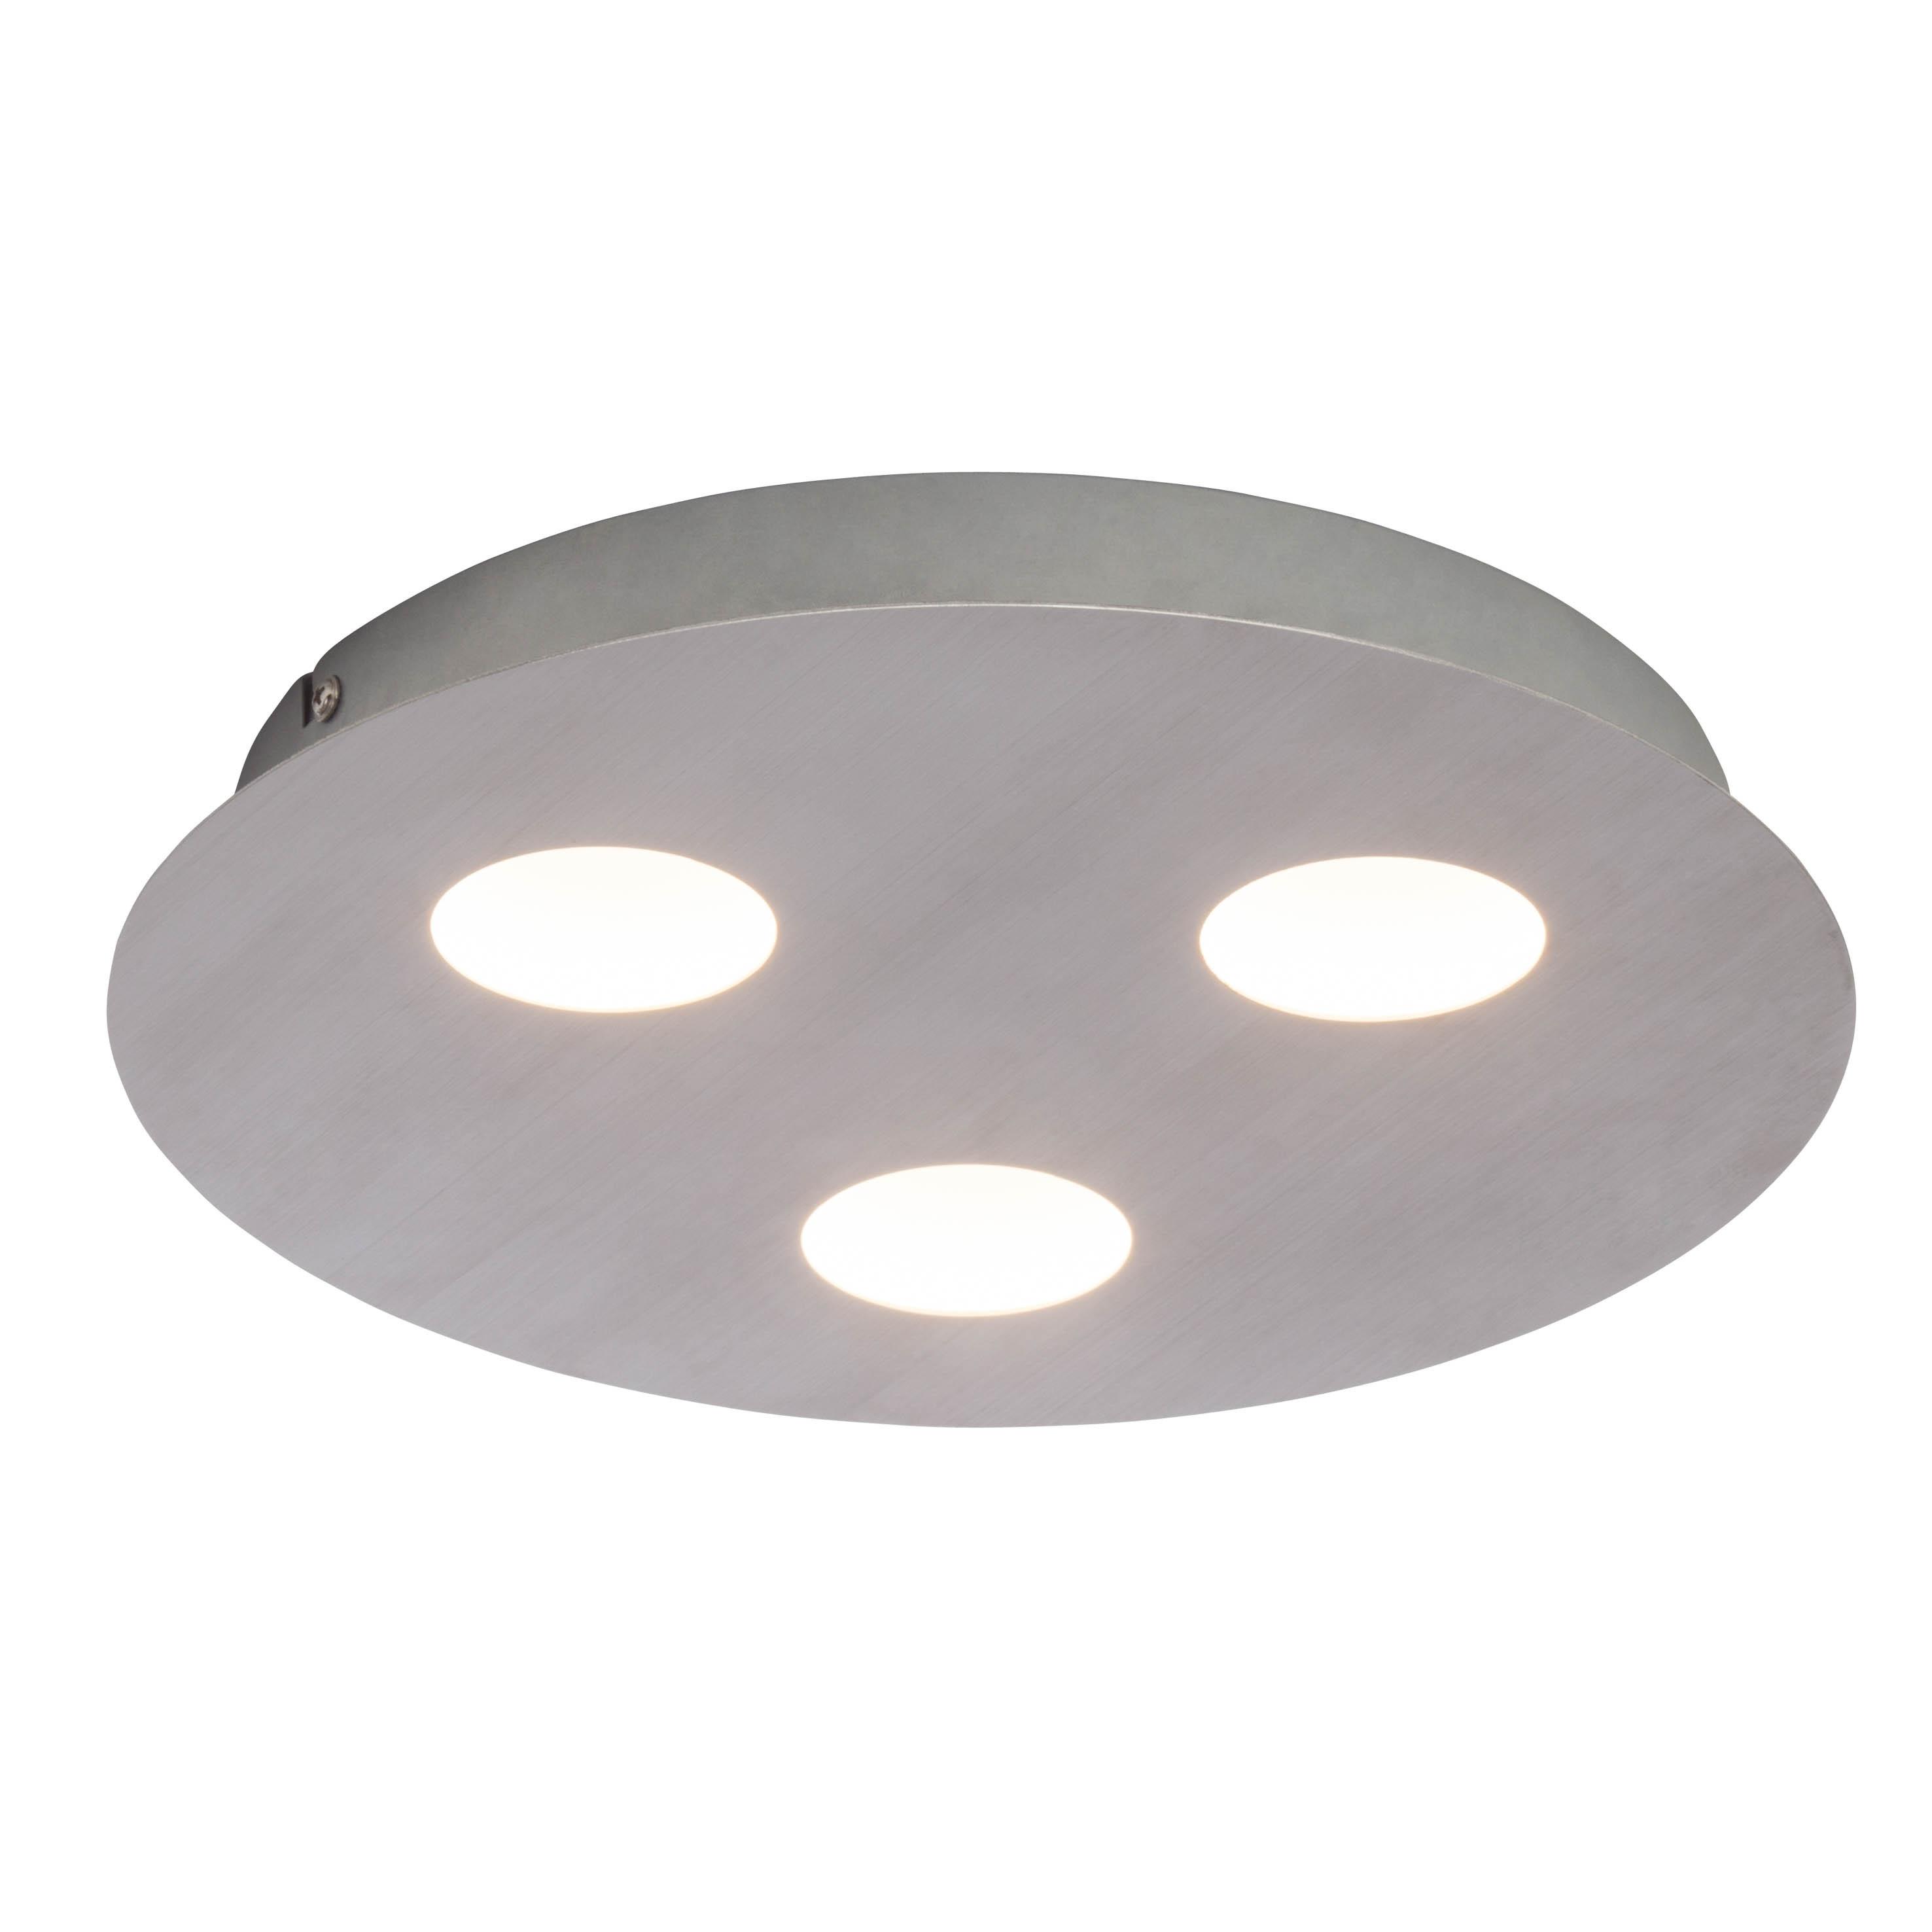 AEG Formit LED Wand- und Deckenleuchte 3flg nickel